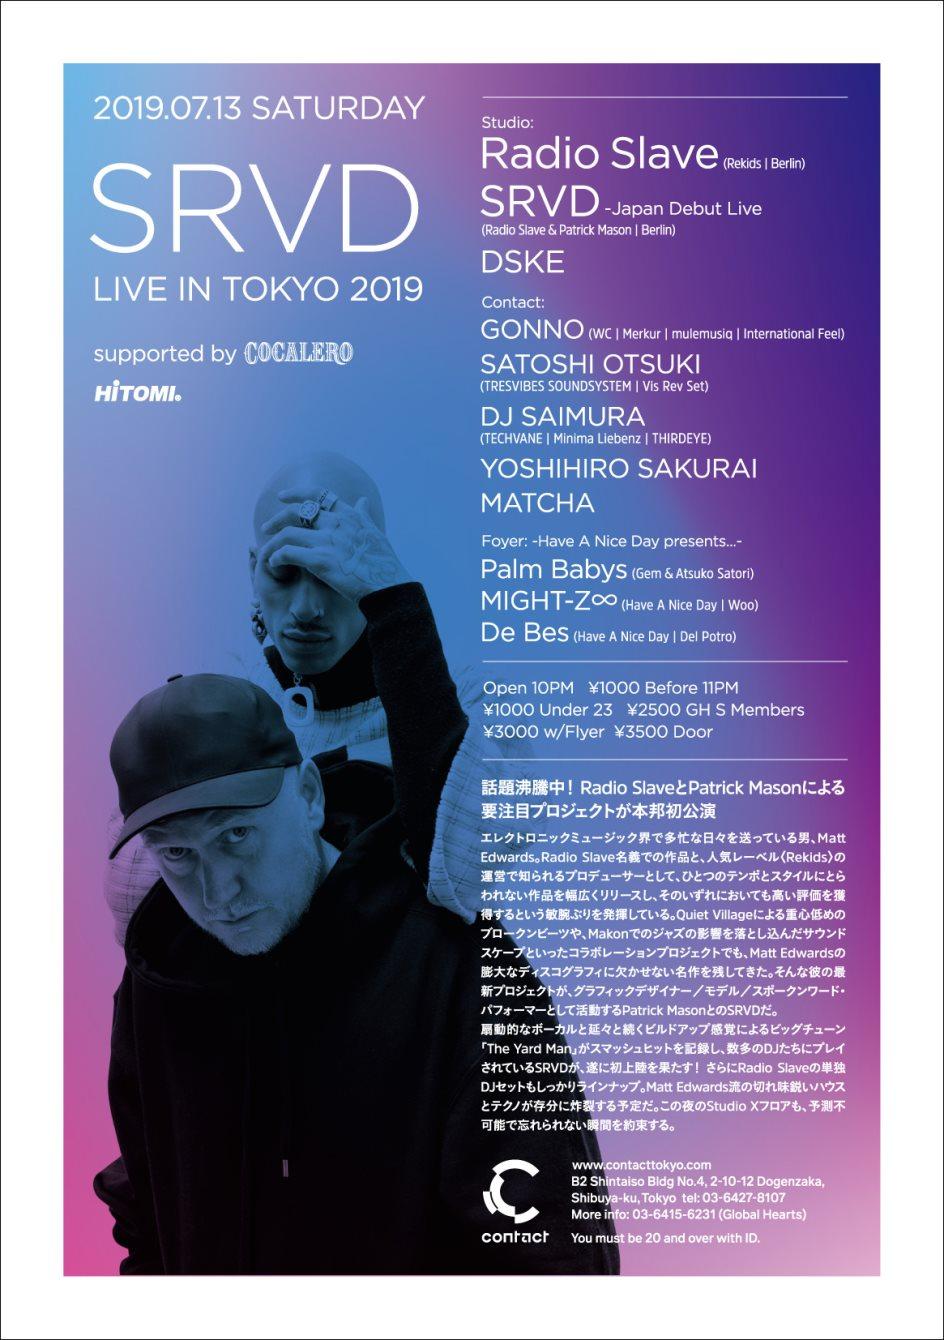 Srvd Live in Tokyo 2019 - Flyer back